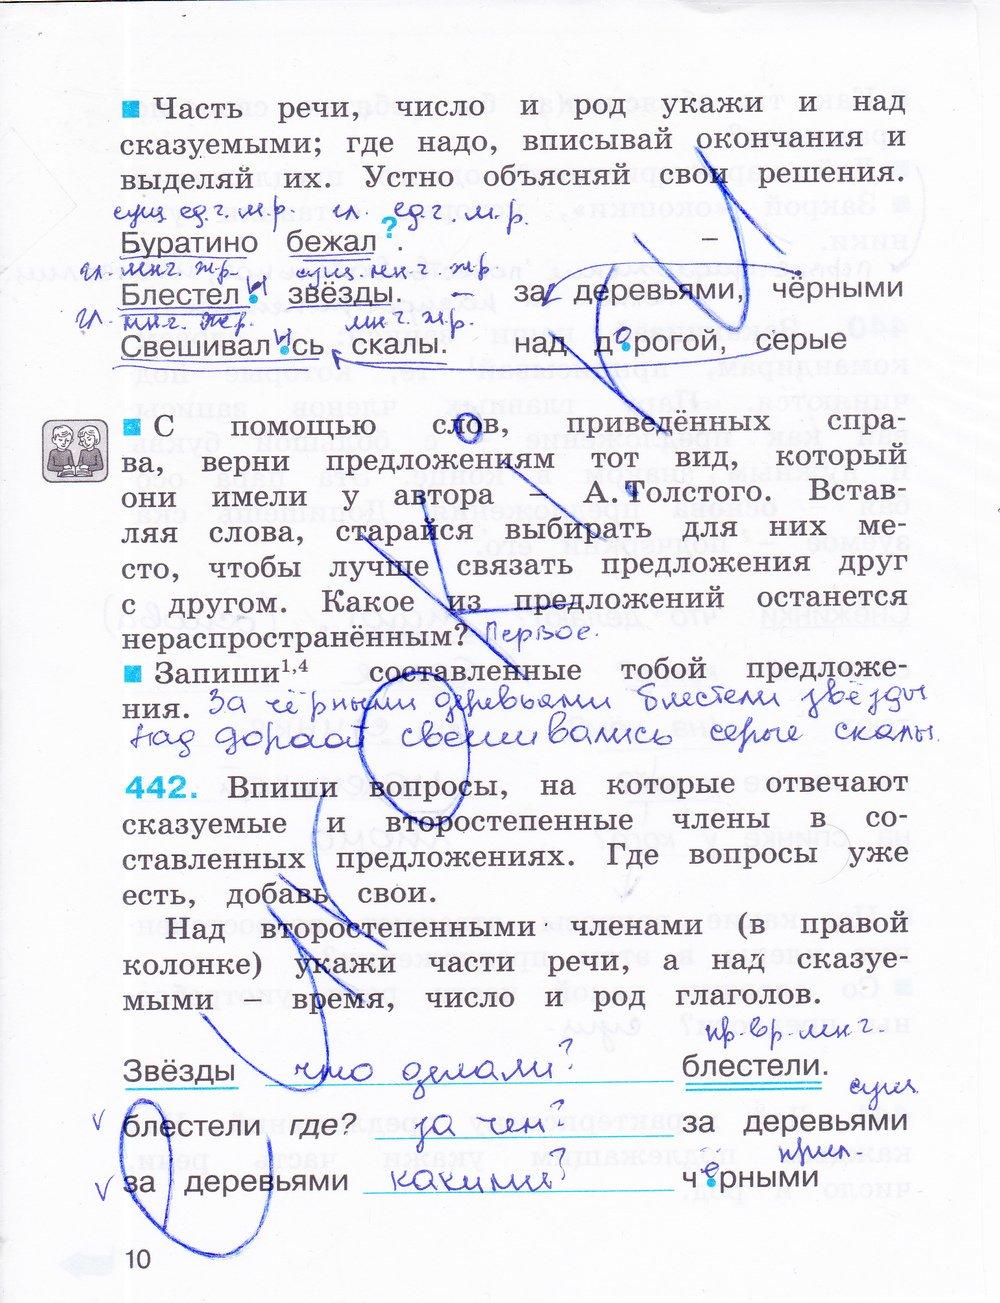 кузьменко соловейчик 4 2 русскому по языку гдз классxfcnm